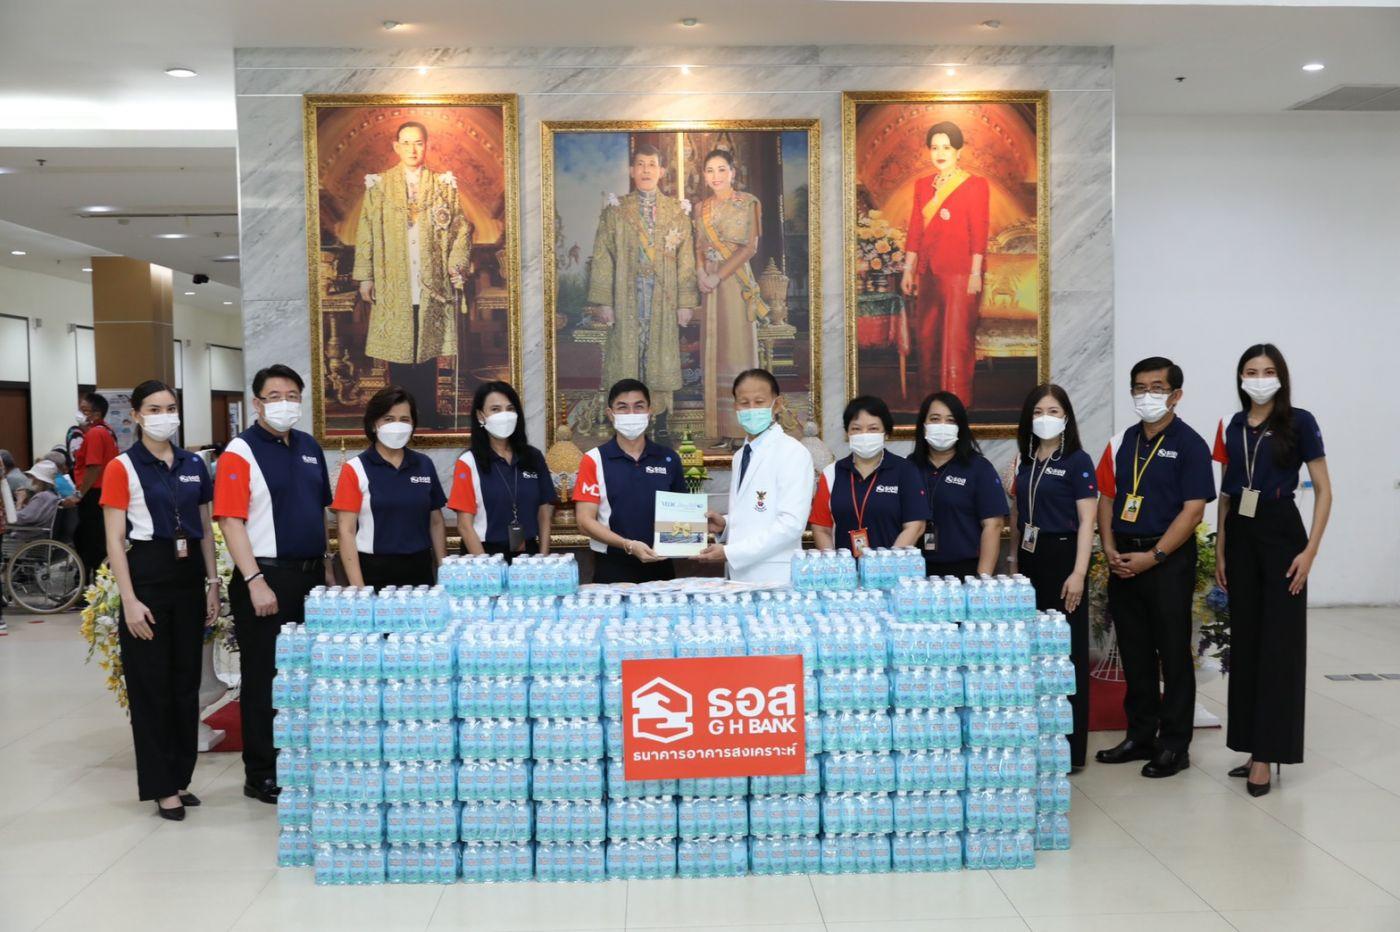 ธอส. สนับสนุนน้ำดื่มธนาคาร 30,000 ขวด พร้อมหน้ากากอนามัยและสายคล้อง ให้จุดบริการวัคซีน COVID-19 ณ สถานีโทรทัศน์ไทยพีบีเอส และคลินิกศูนย์แพทย์พัฒนา